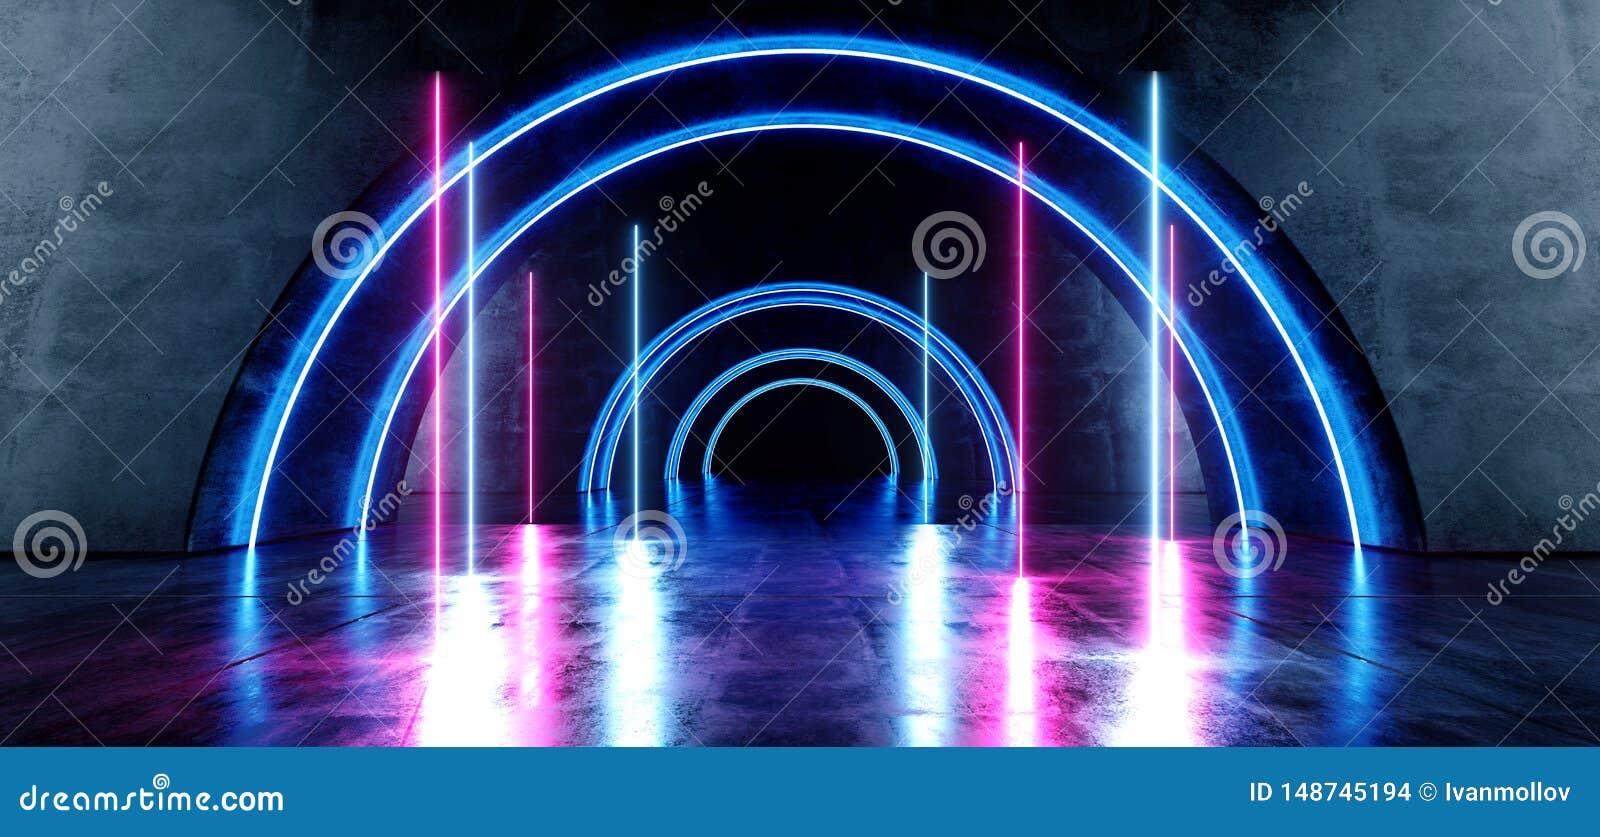 Гараж Hall неоновой прихожей Grunge коридора тоннеля круга пинка пурпура лазера голубой овальной конкретной отражательной темной